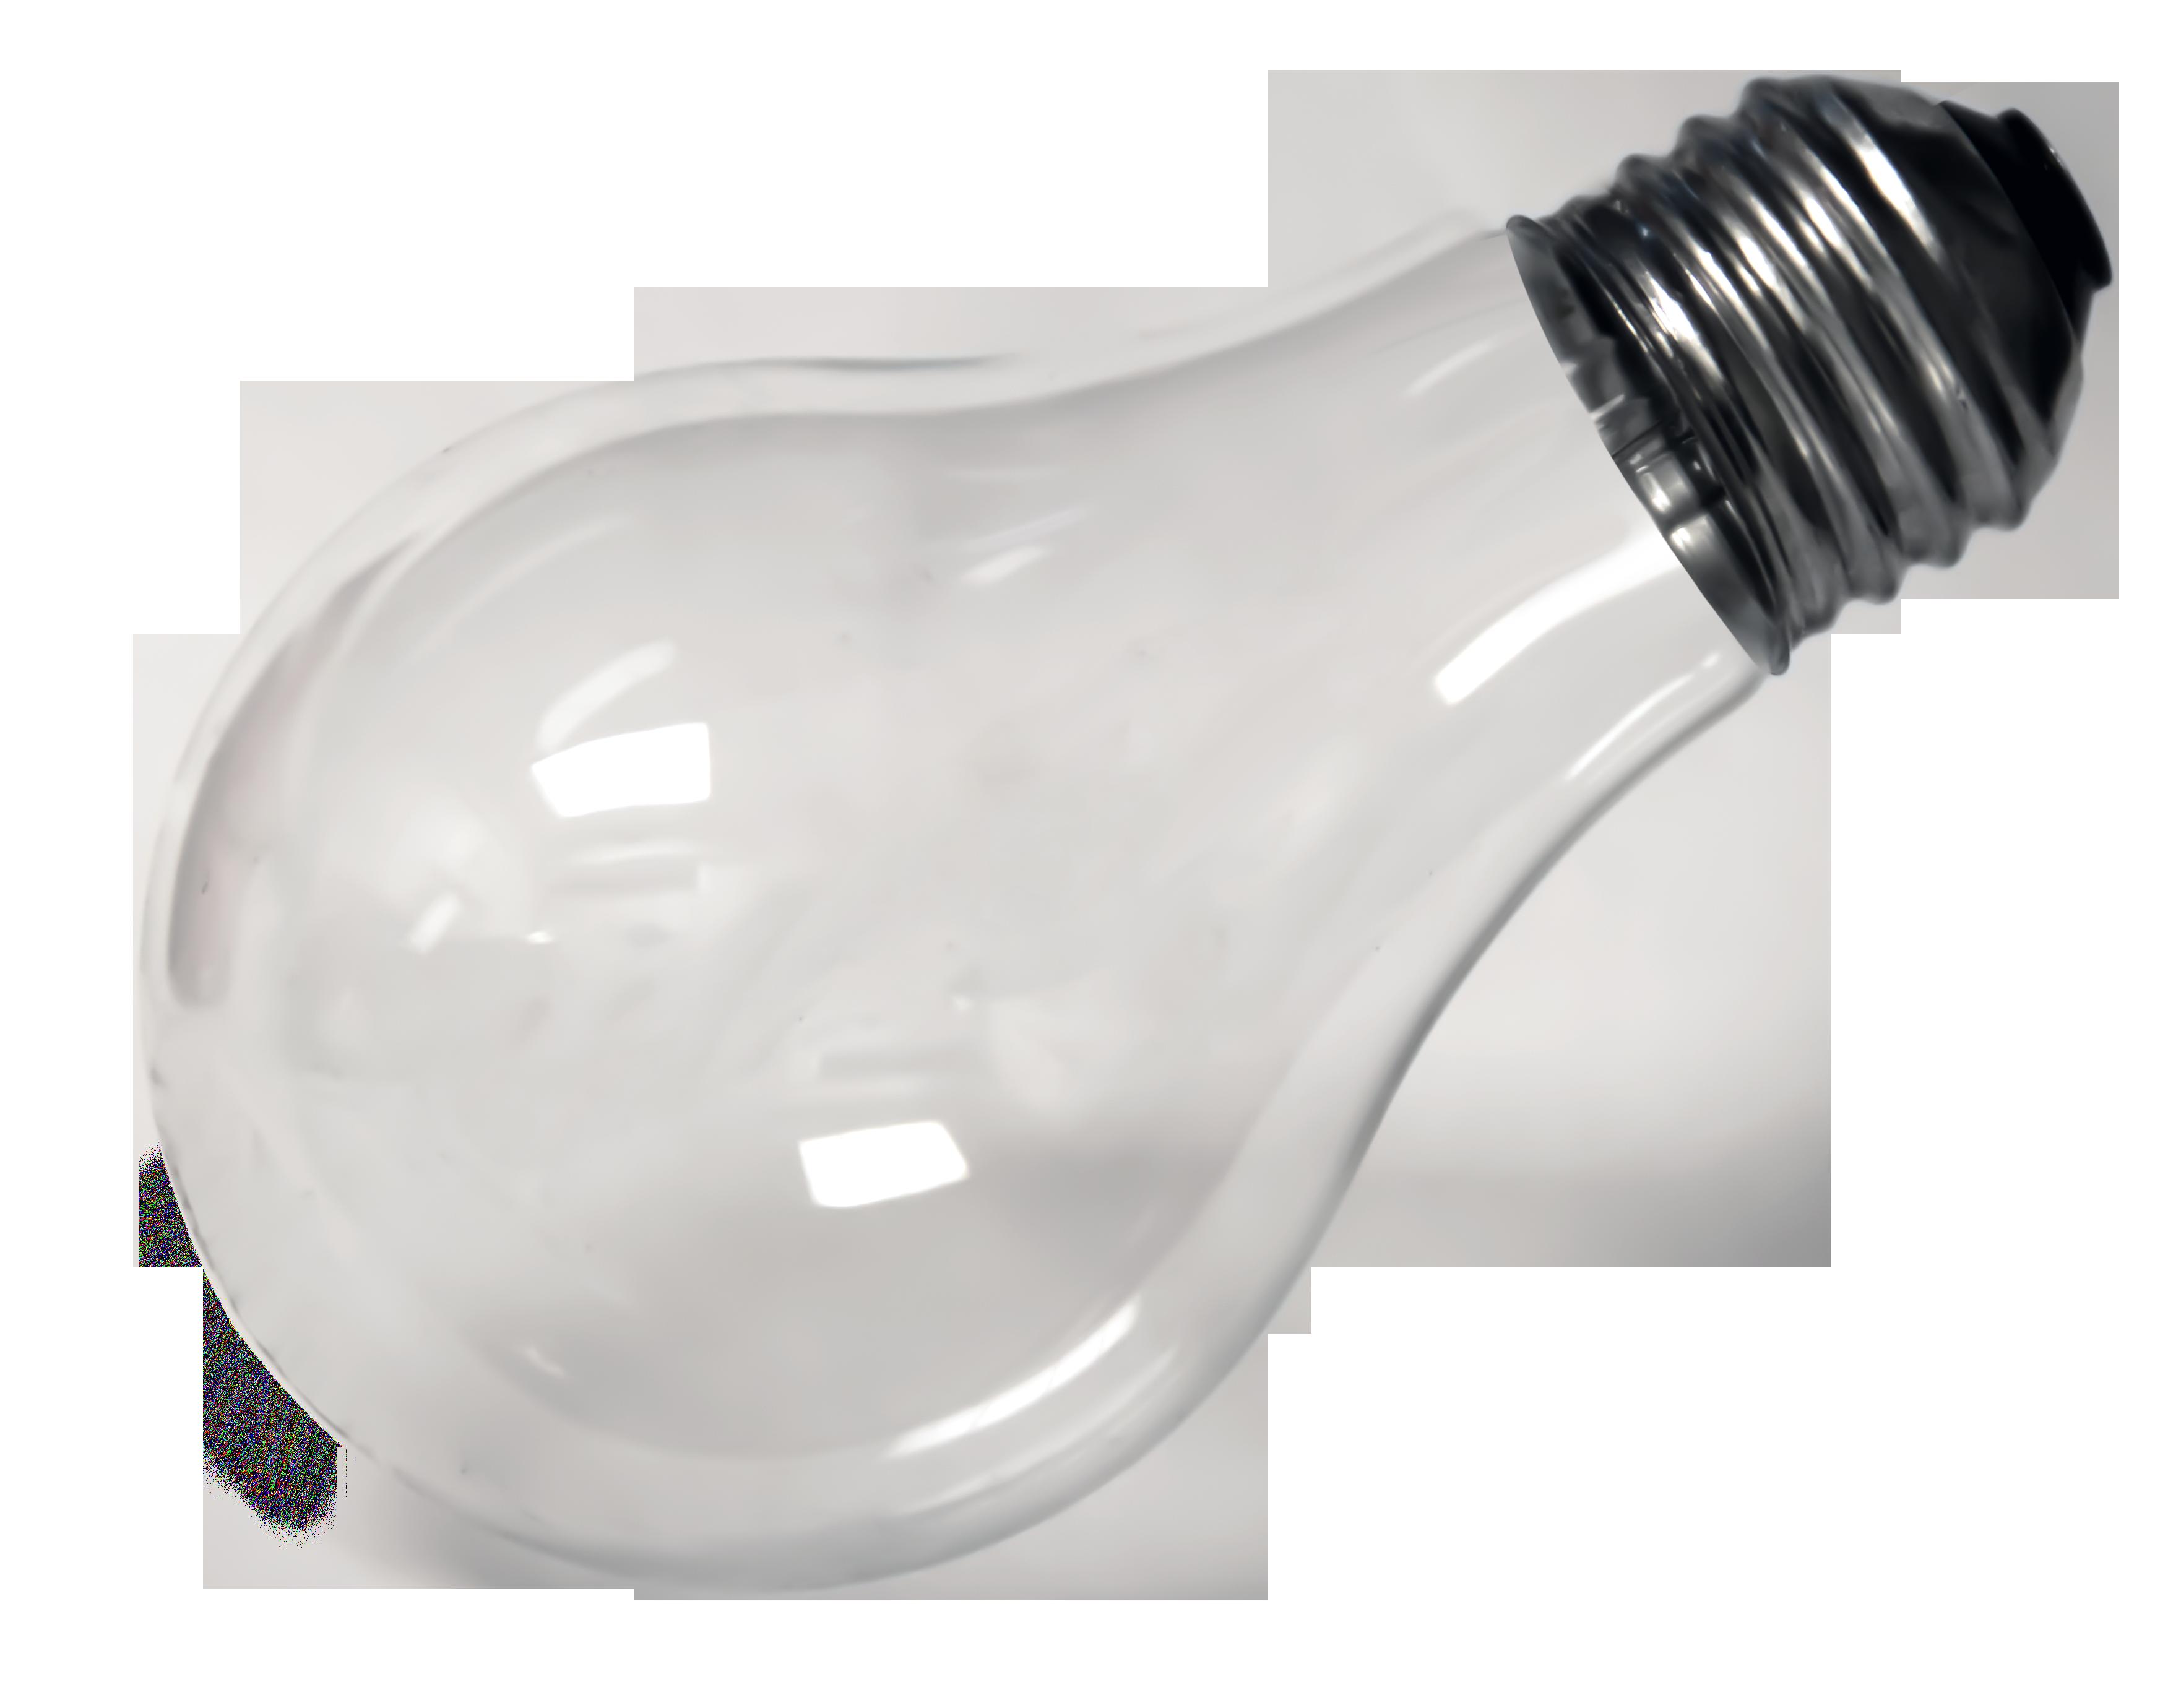 Bulb HD PNG - 118594